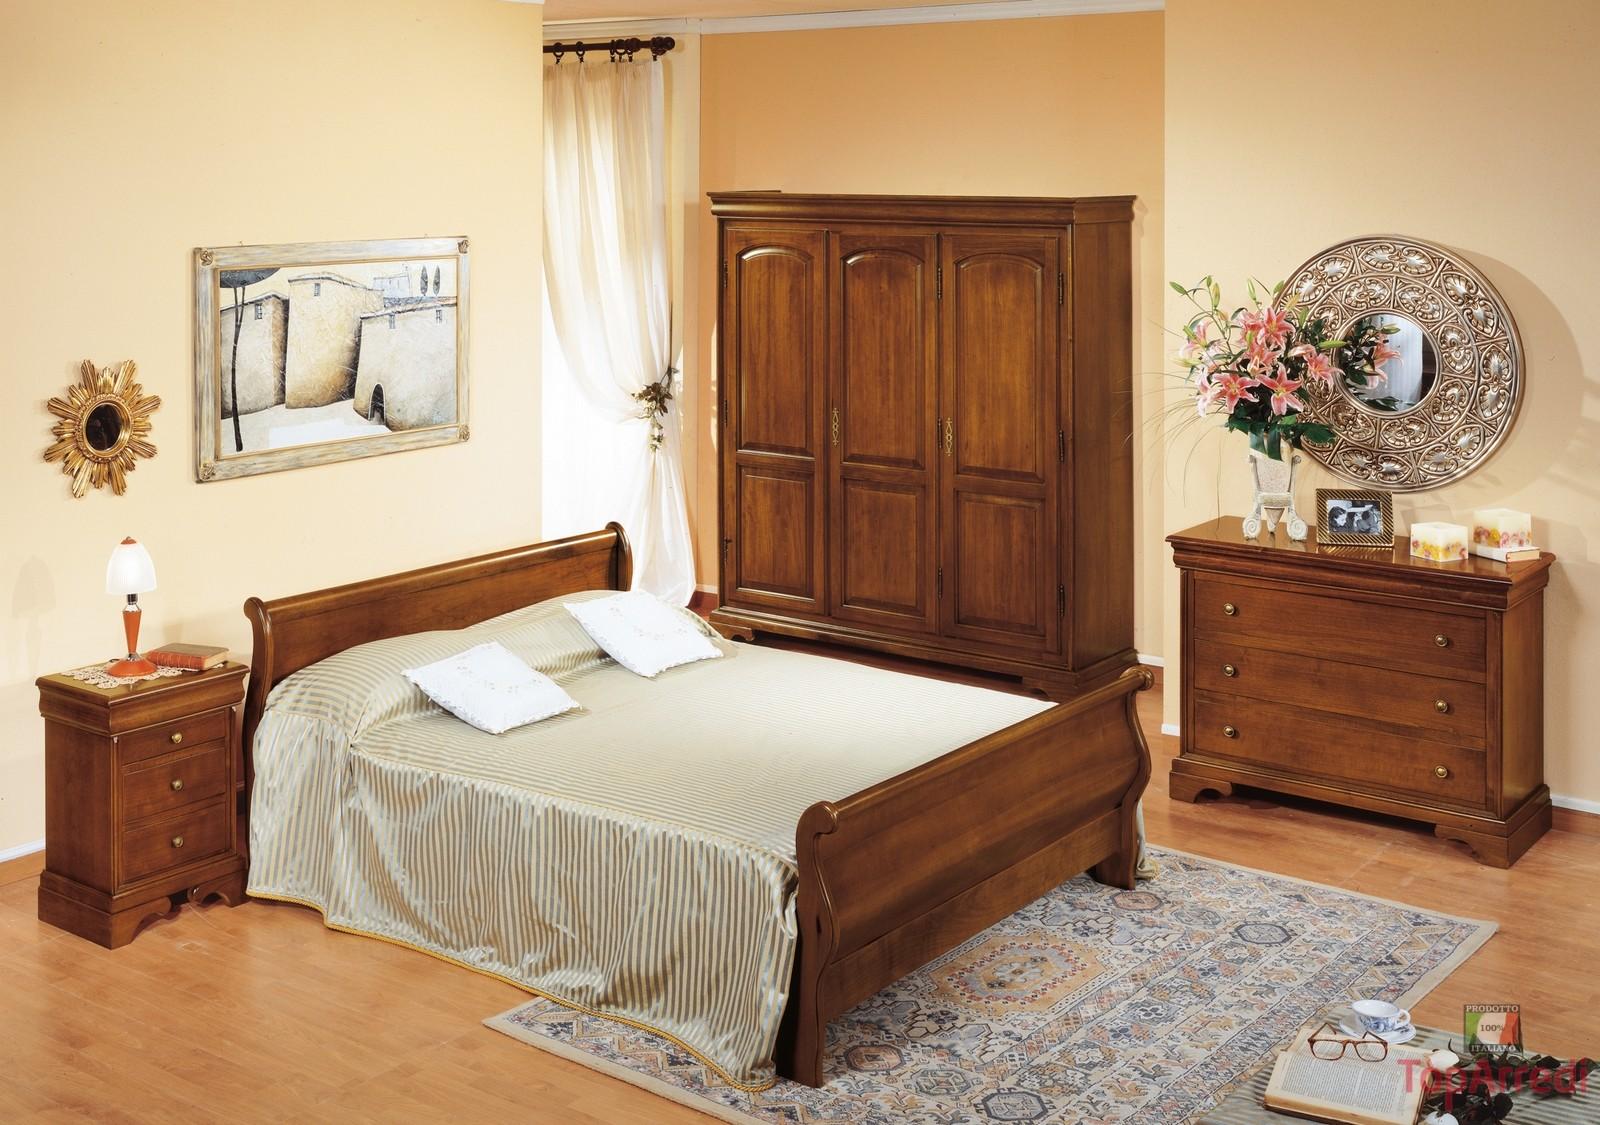 Camera da letto classica modello LETIZIA - Arredo Casa FVG